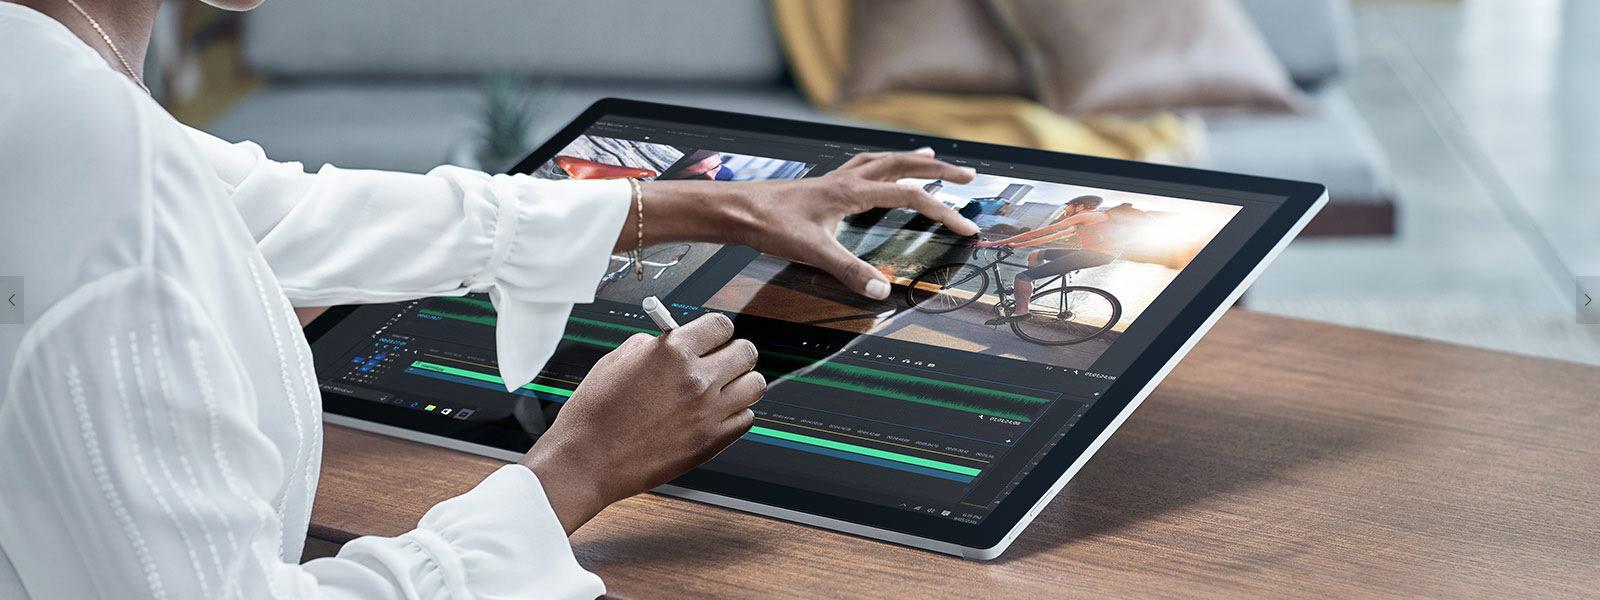 某人在屏幕上使用 Surface 触控笔和触摸操作。